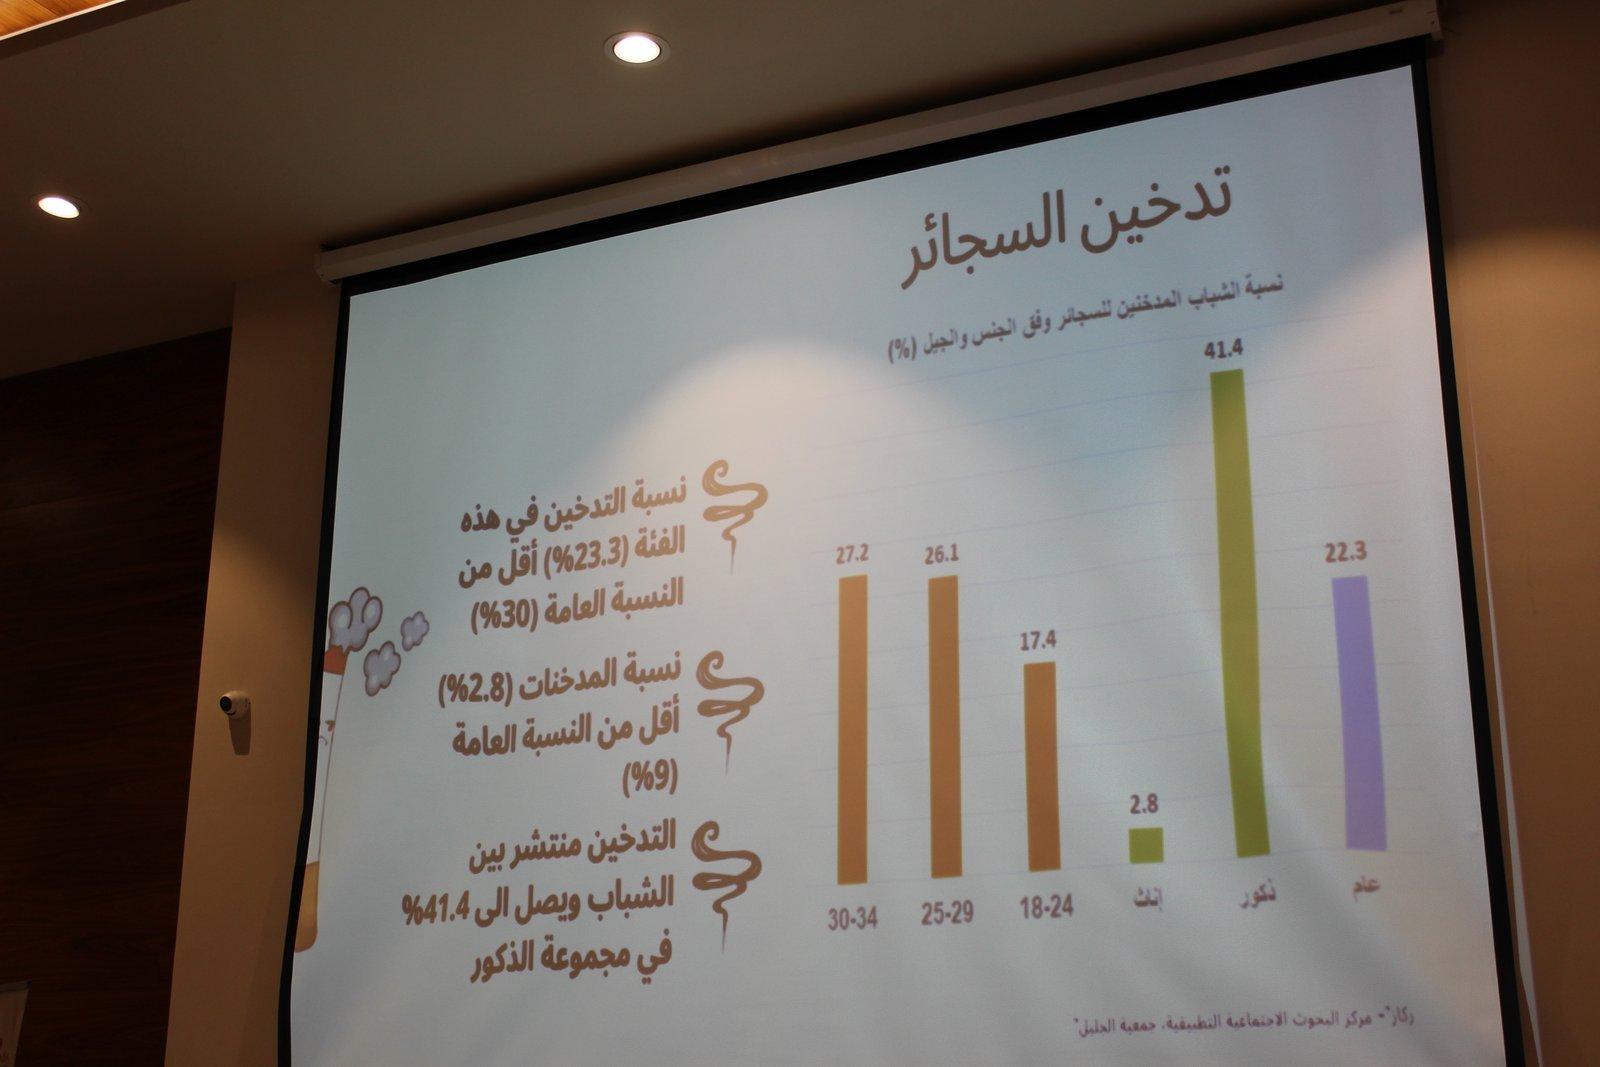 61.1% من الأسر العربية دخلها تحت المعدل العام-1